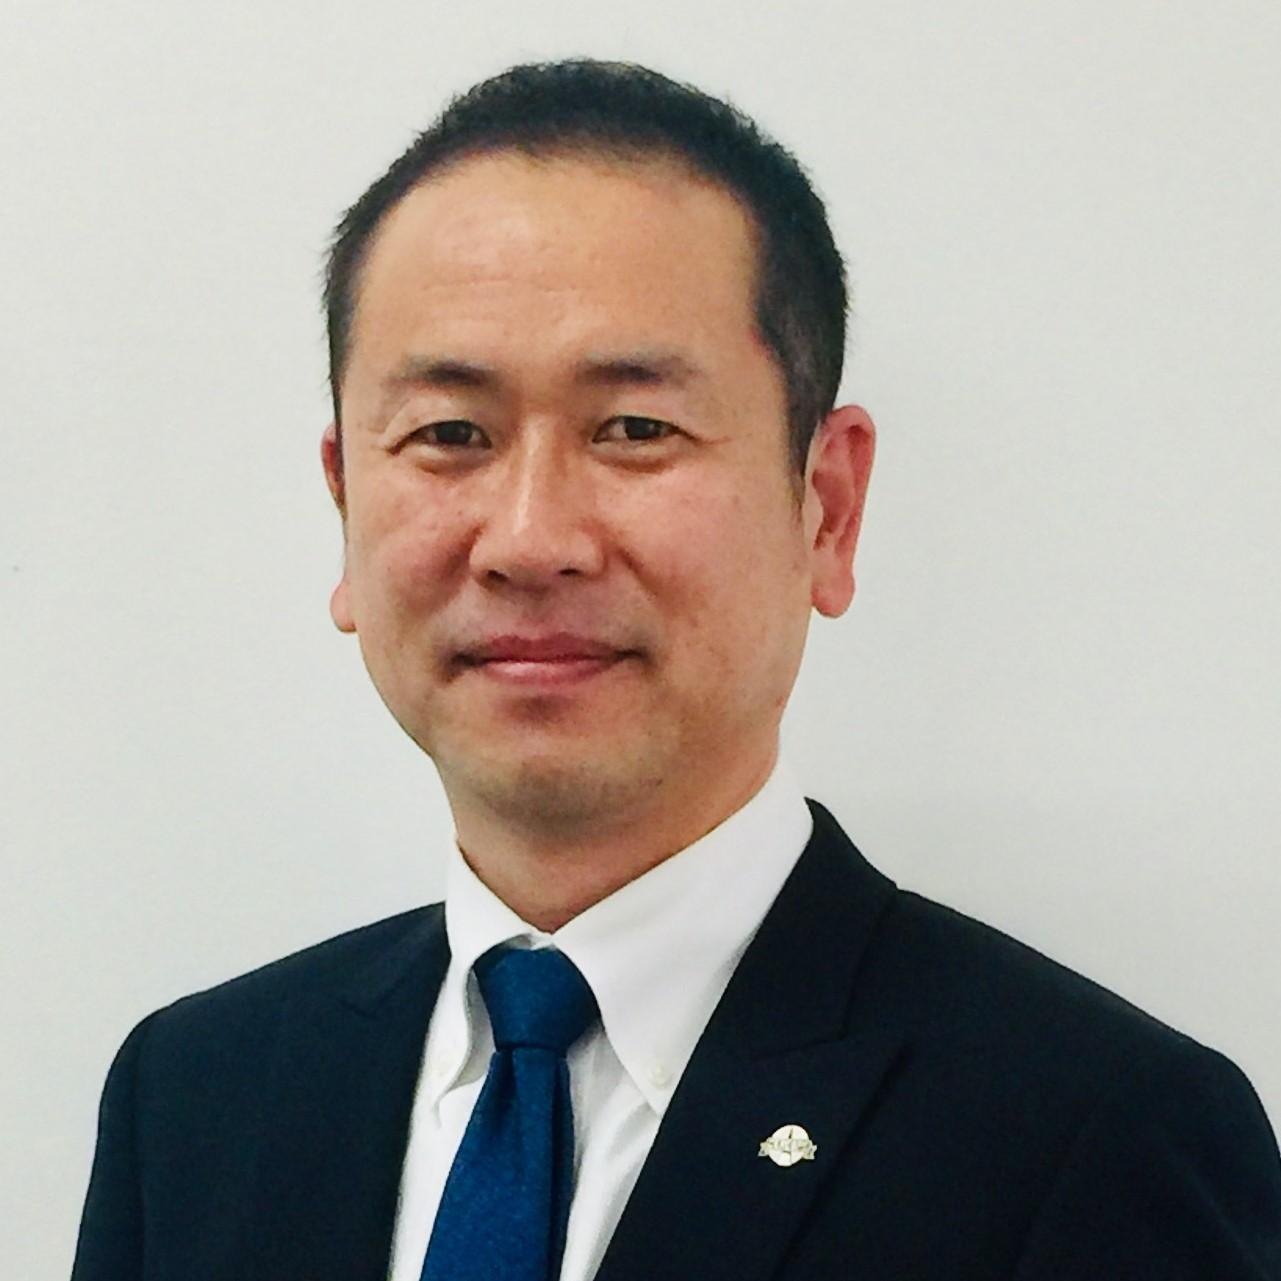 Keisuke Inuzuka